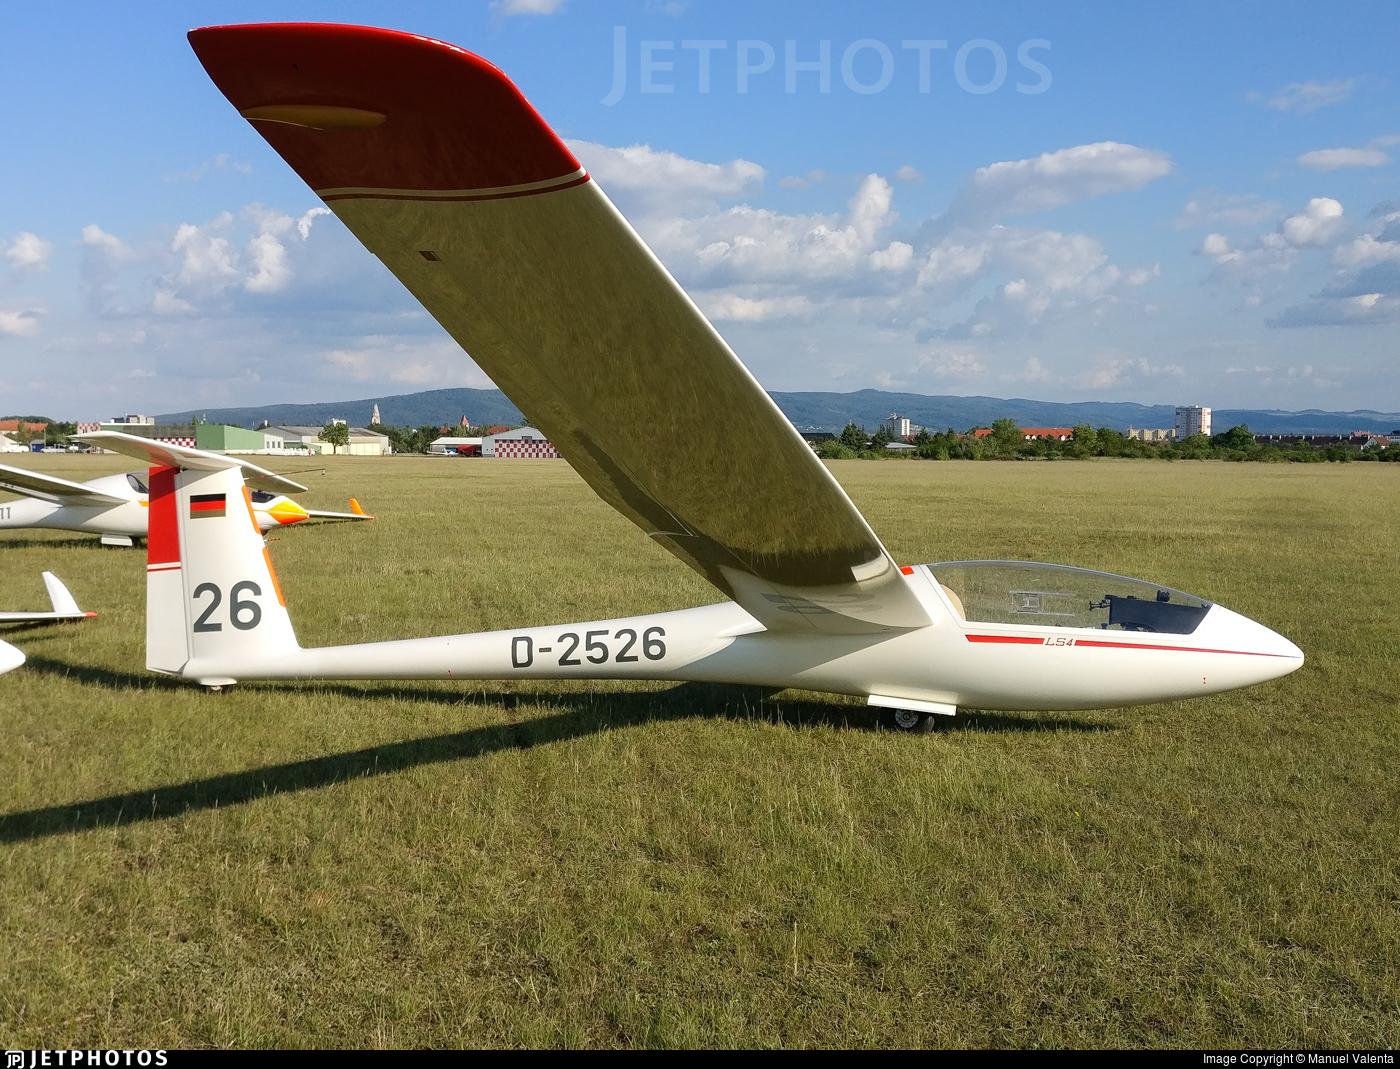 D-2526 - Rolladen-Schneider LS-4 - Private